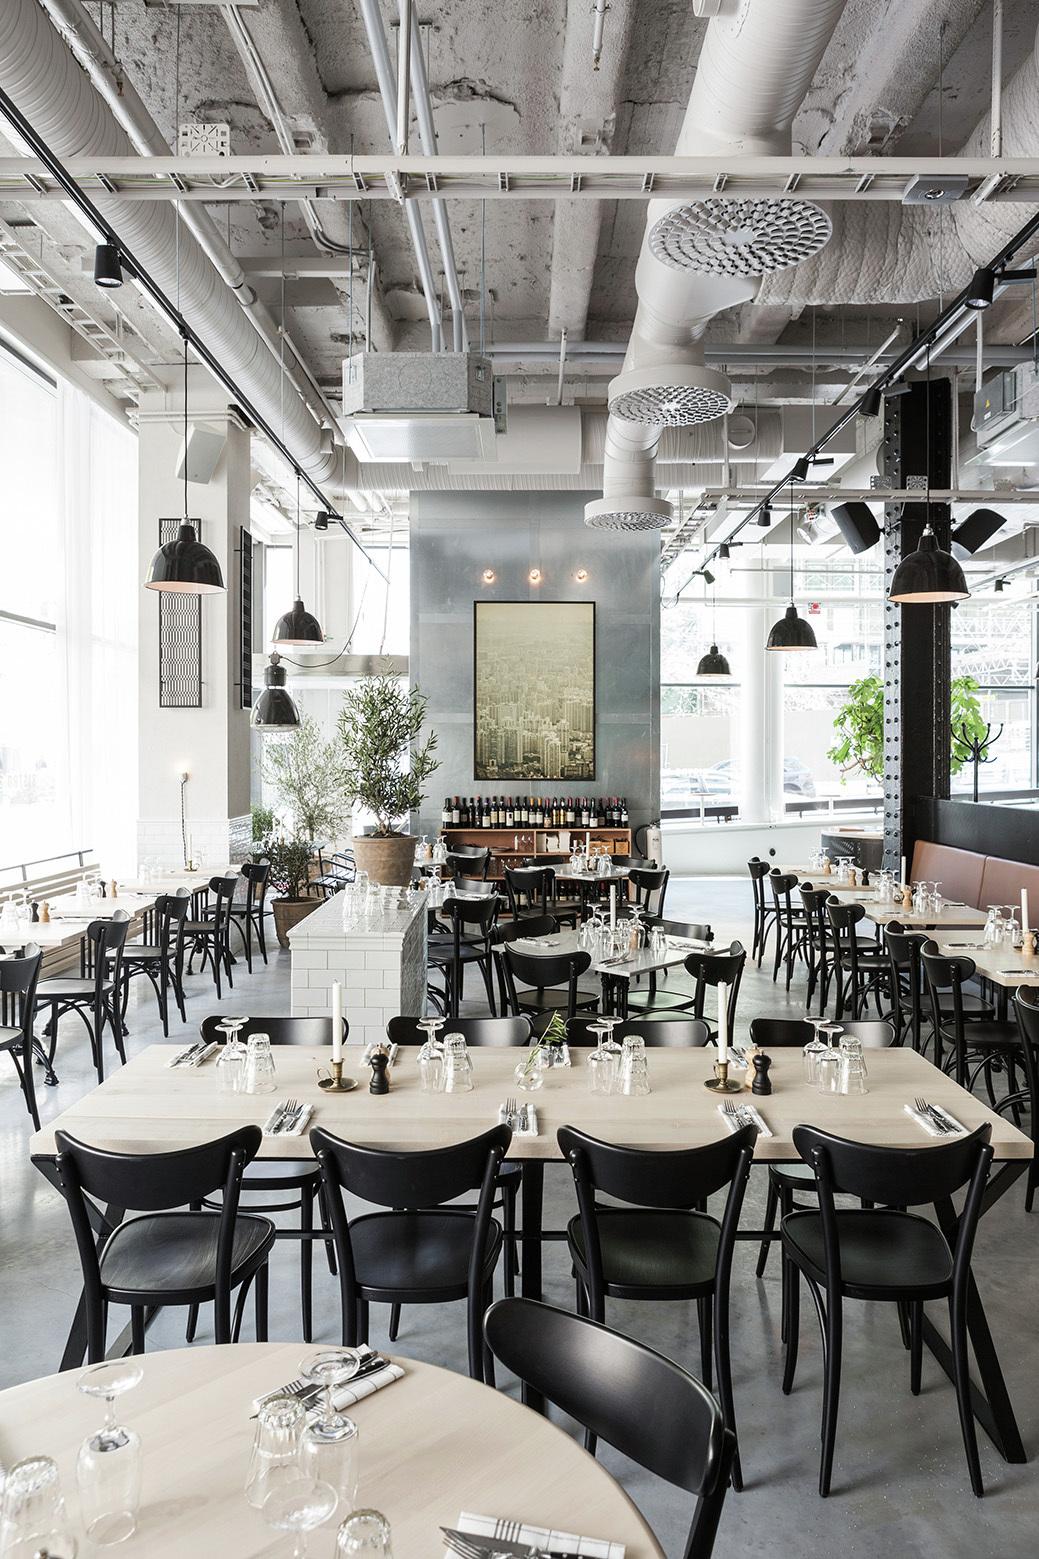 Gallery of usine restaurant richard lindvall